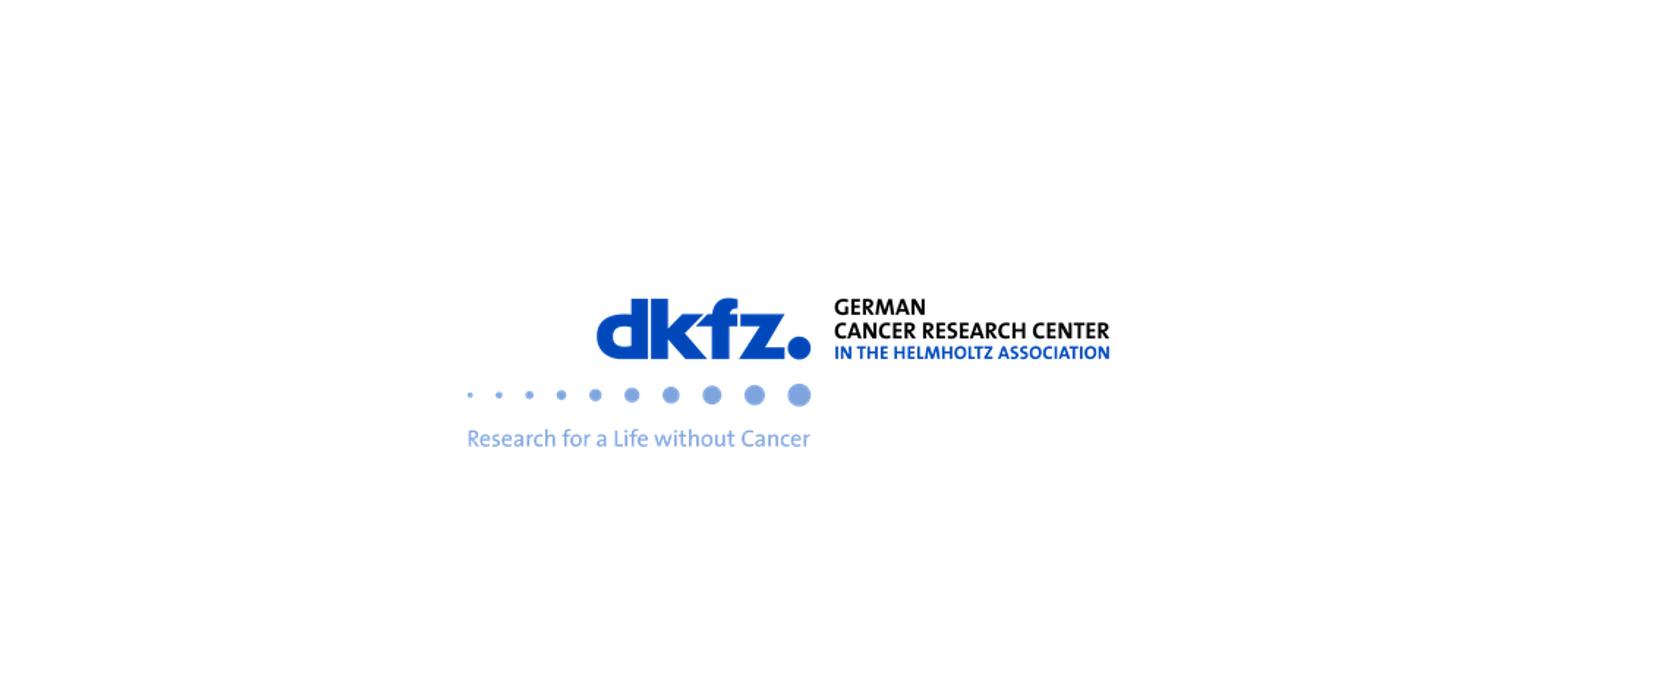 Le DKFZ (Centre allemand de recherche sur le cancer) revient sur l'analyse détaillée du génome viral du COVID-19 en Angleterre